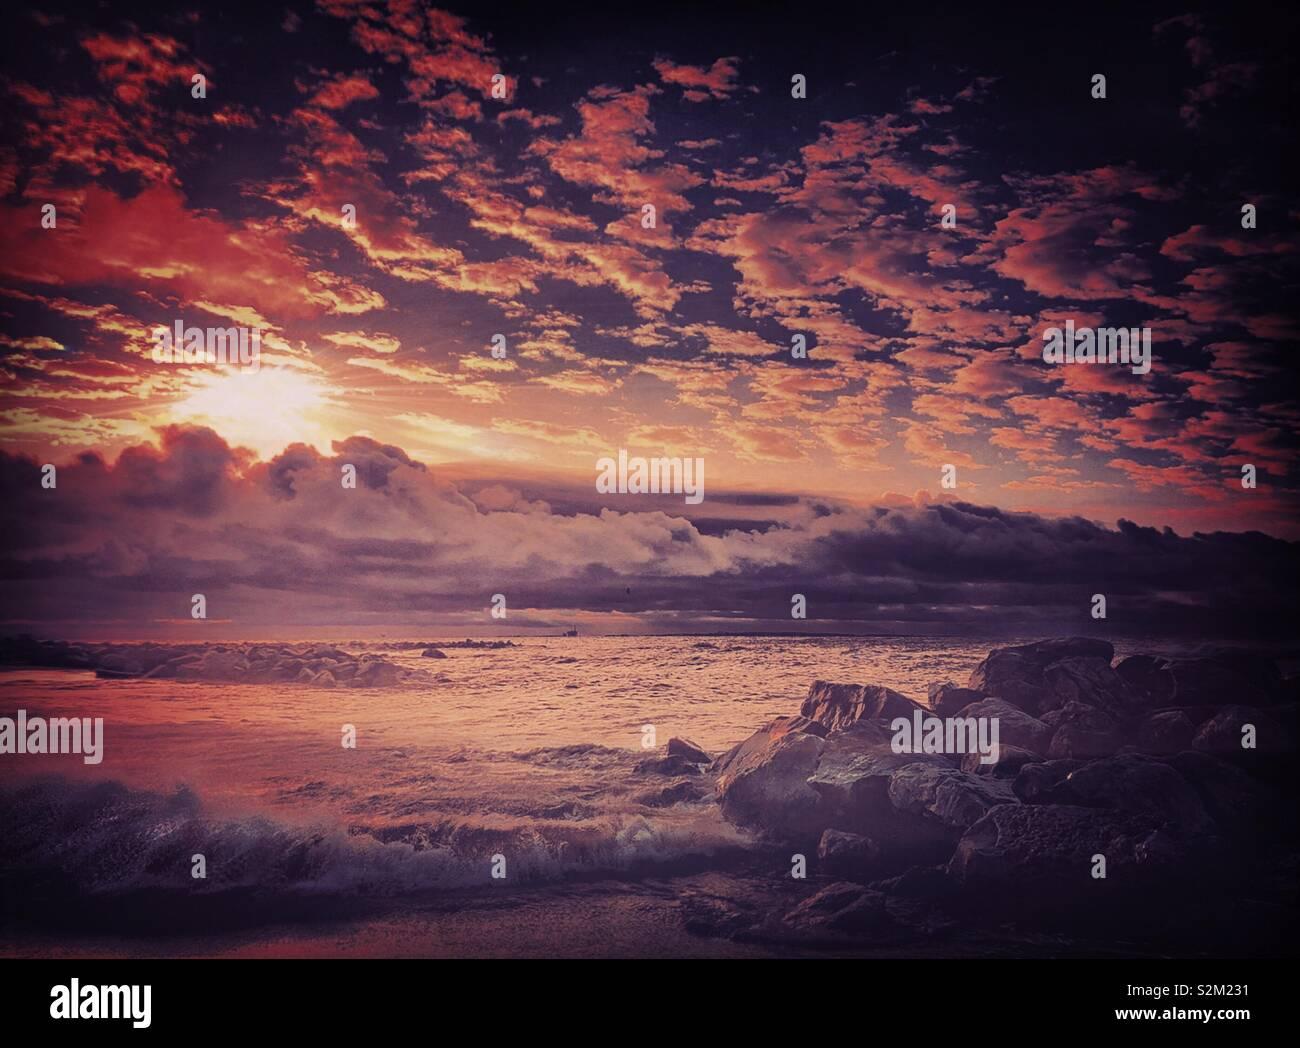 Le Vendredi saint le lever du soleil sur l'Île Dauphin, Alabama. Photo Stock